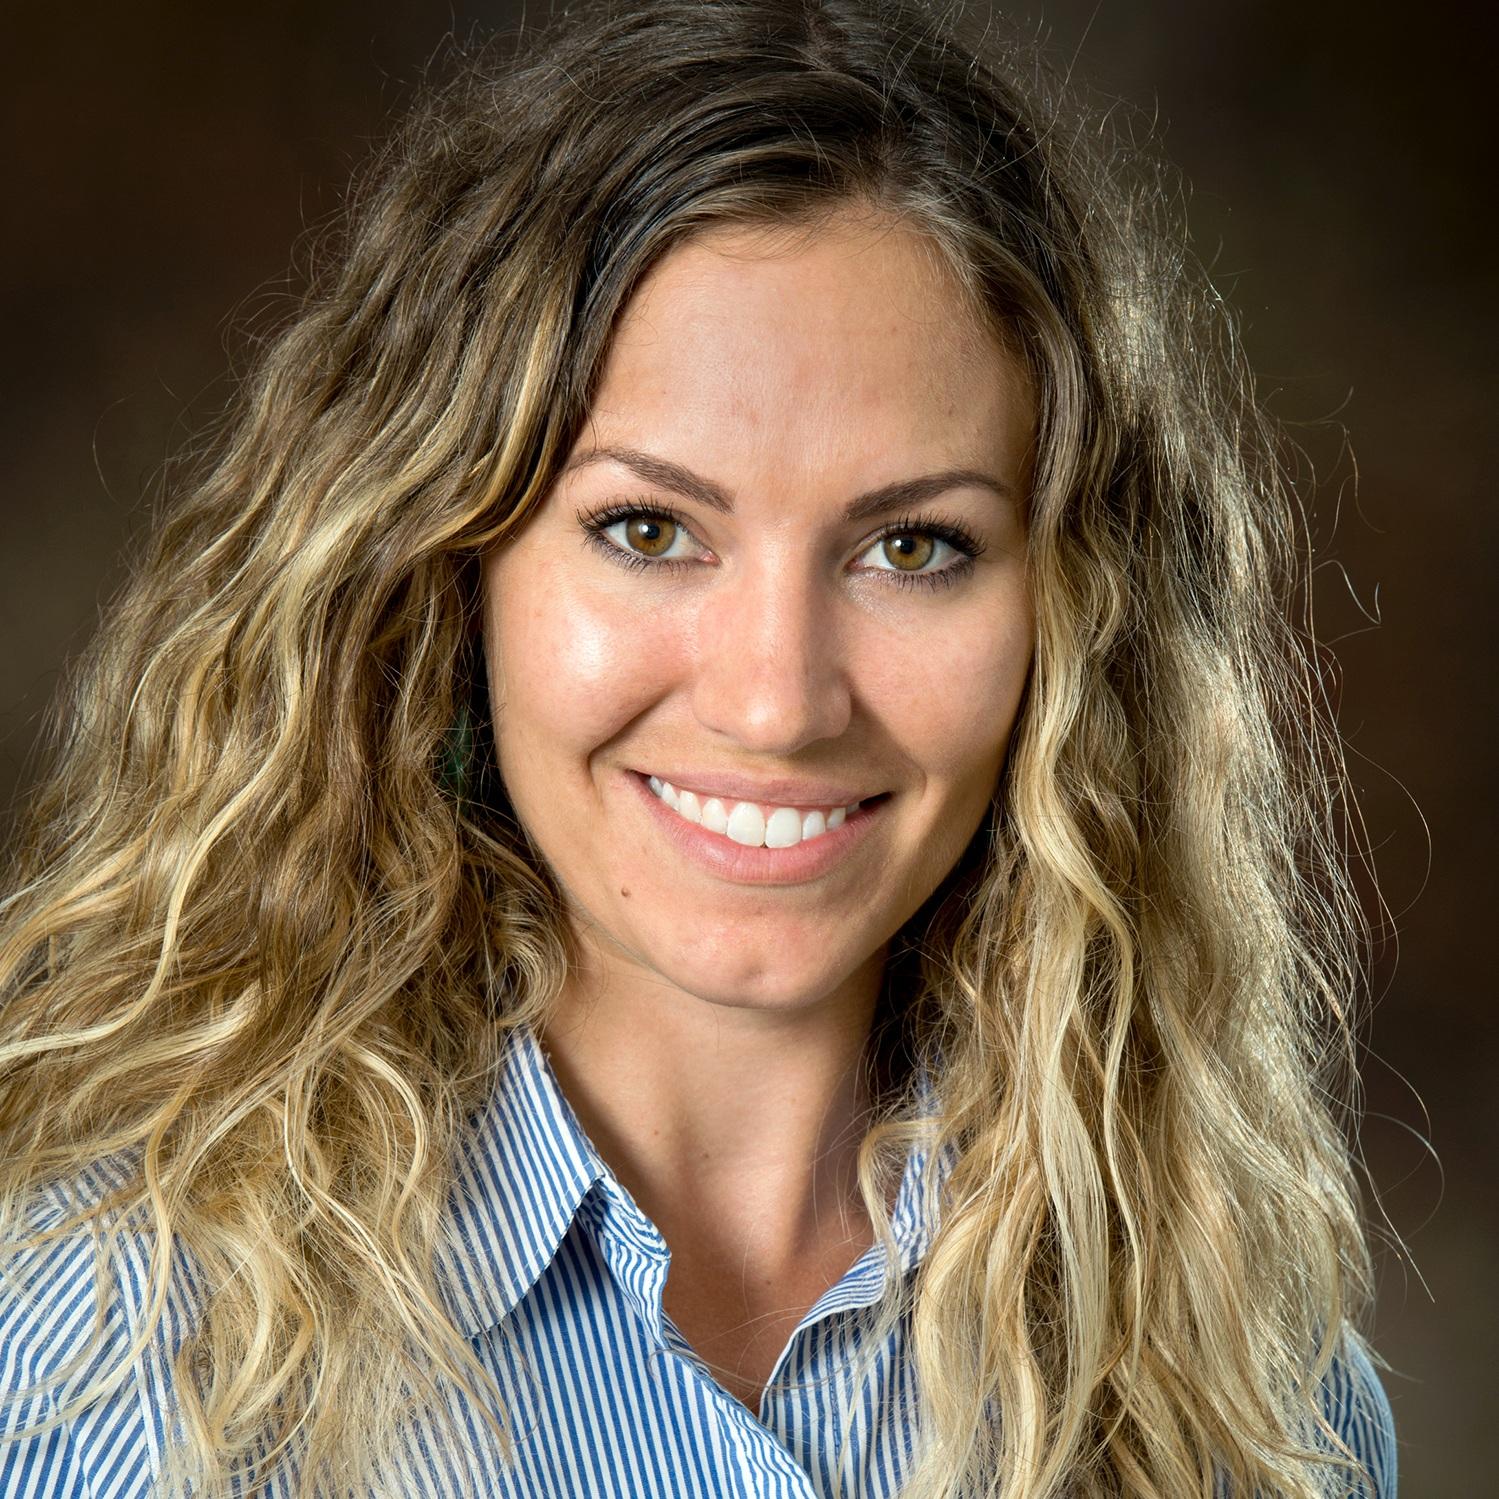 Lauren Luedke, DVM - Resident, Large Animal Surgery, Cornell University College of Veterinary Medicine